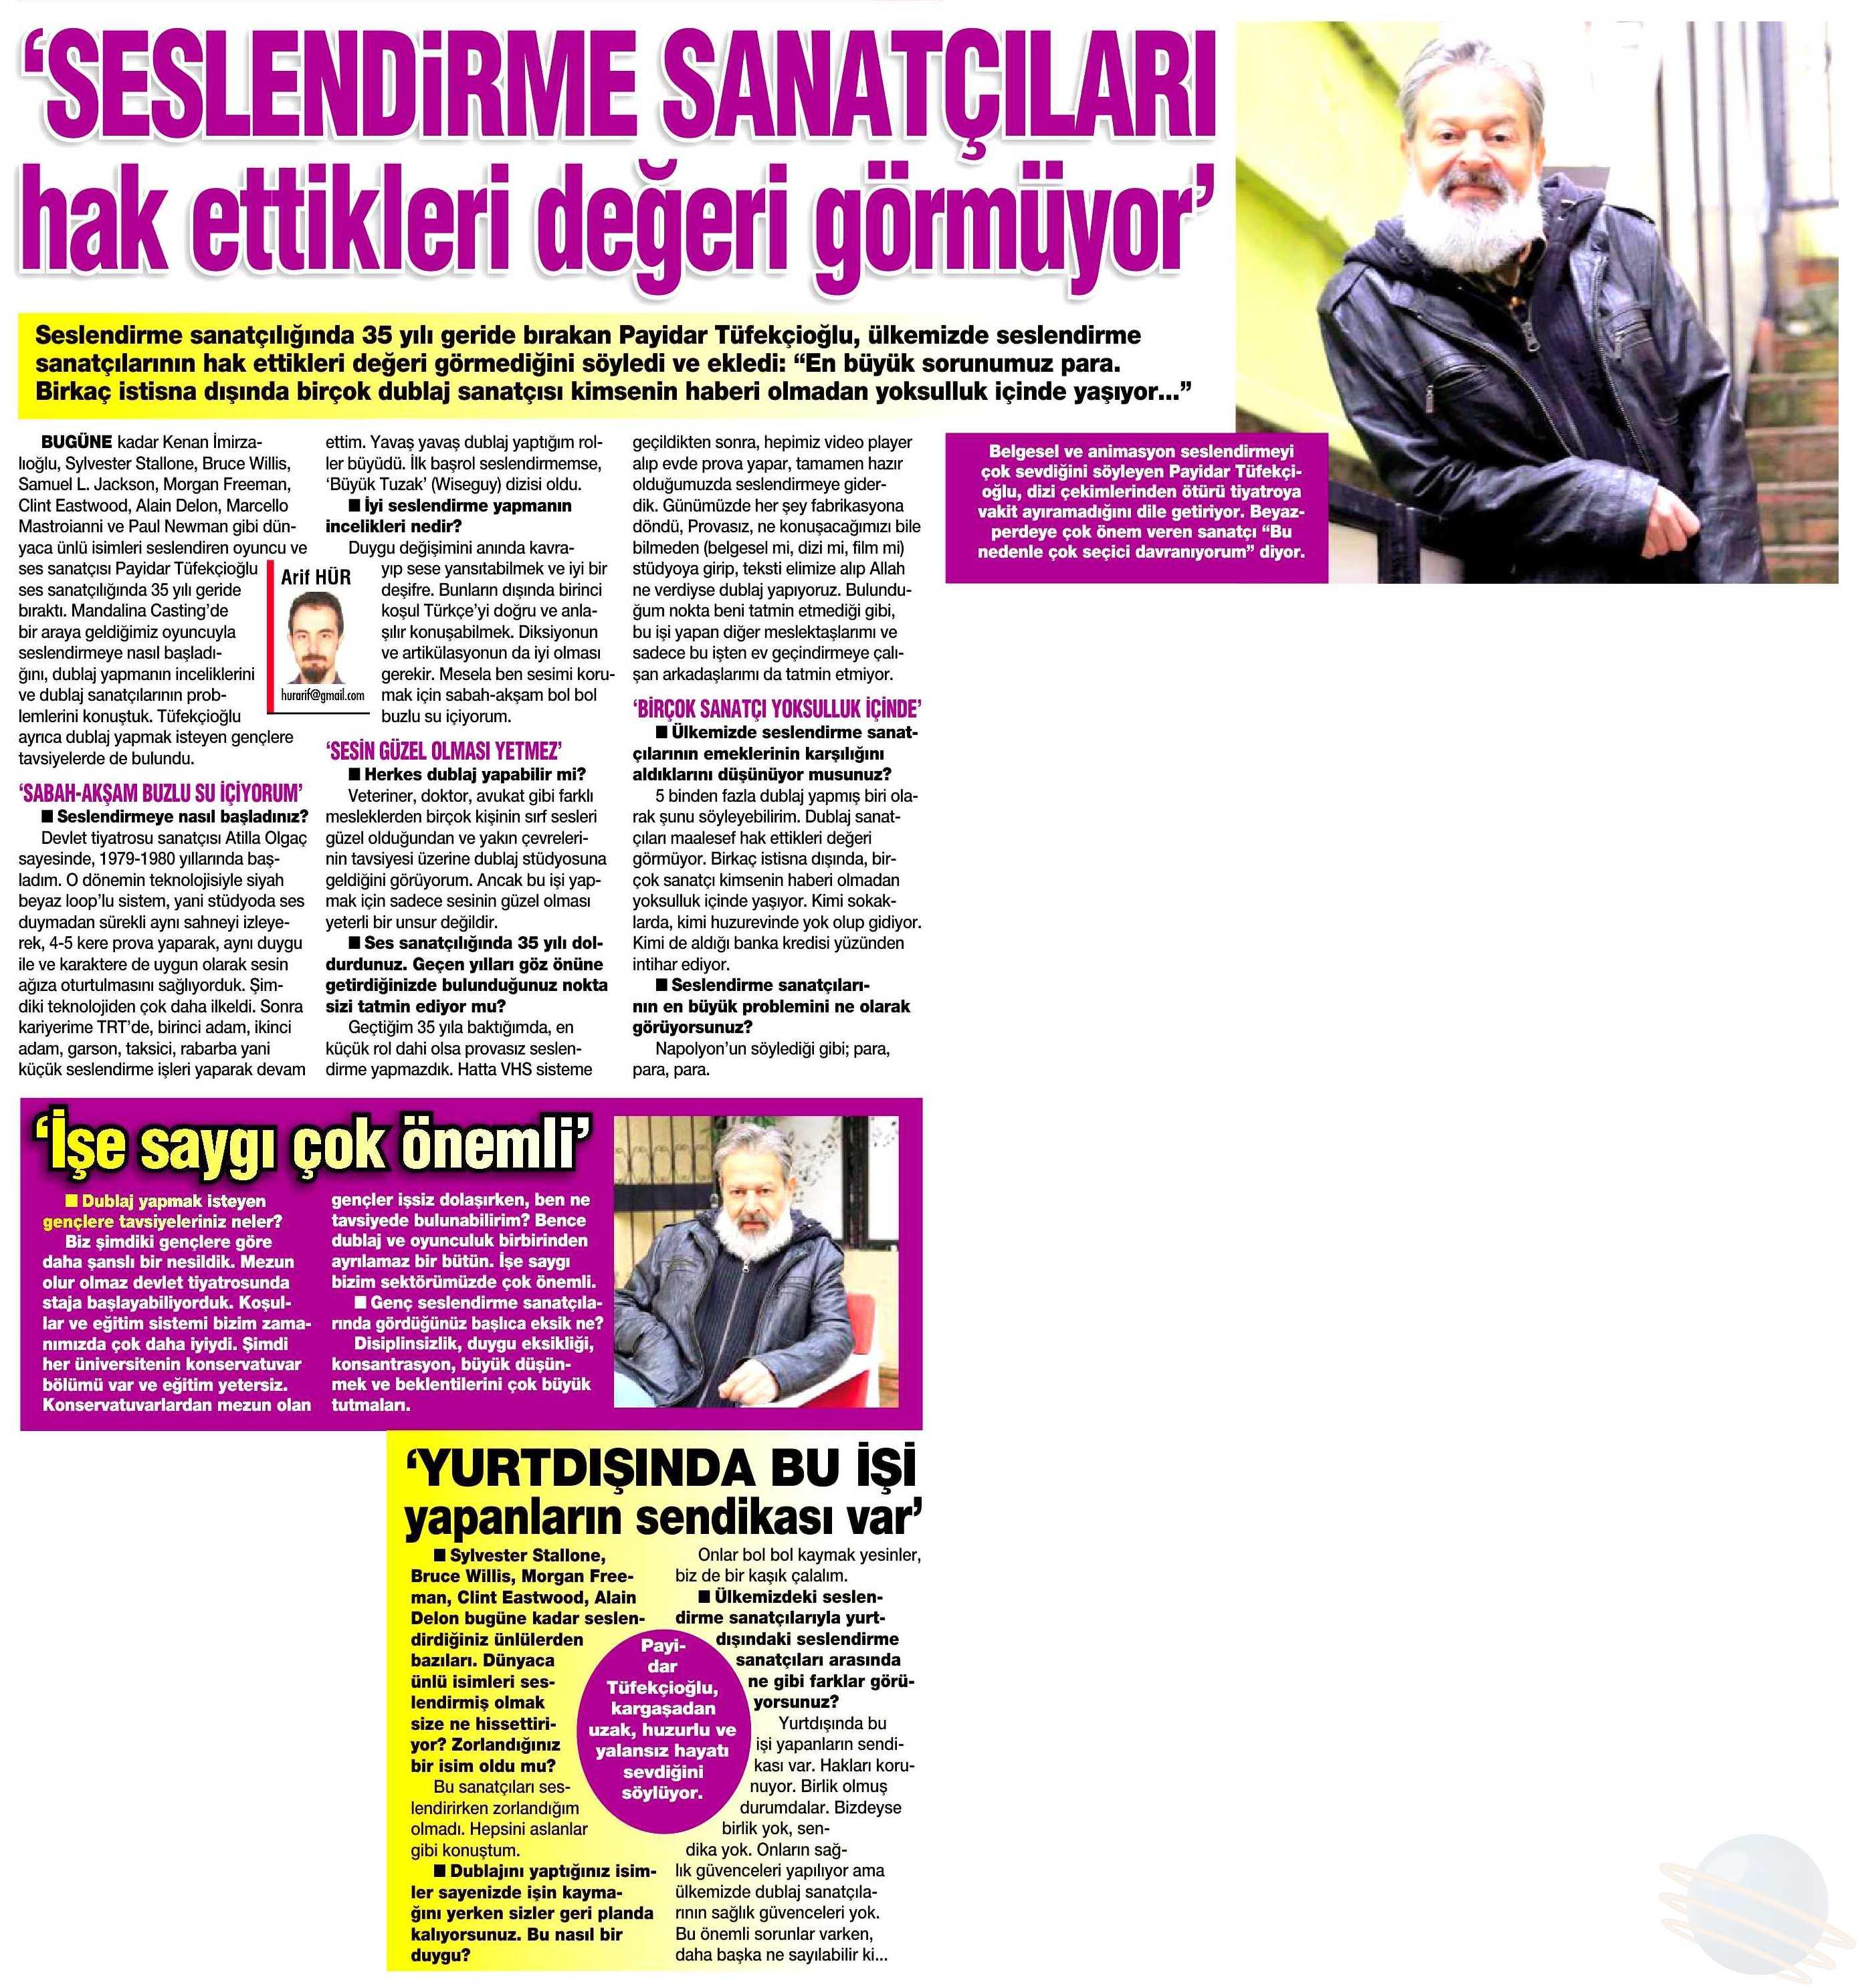 Payidar Tüfekçioğlu - HaberTürk Gazetesi Röportajı